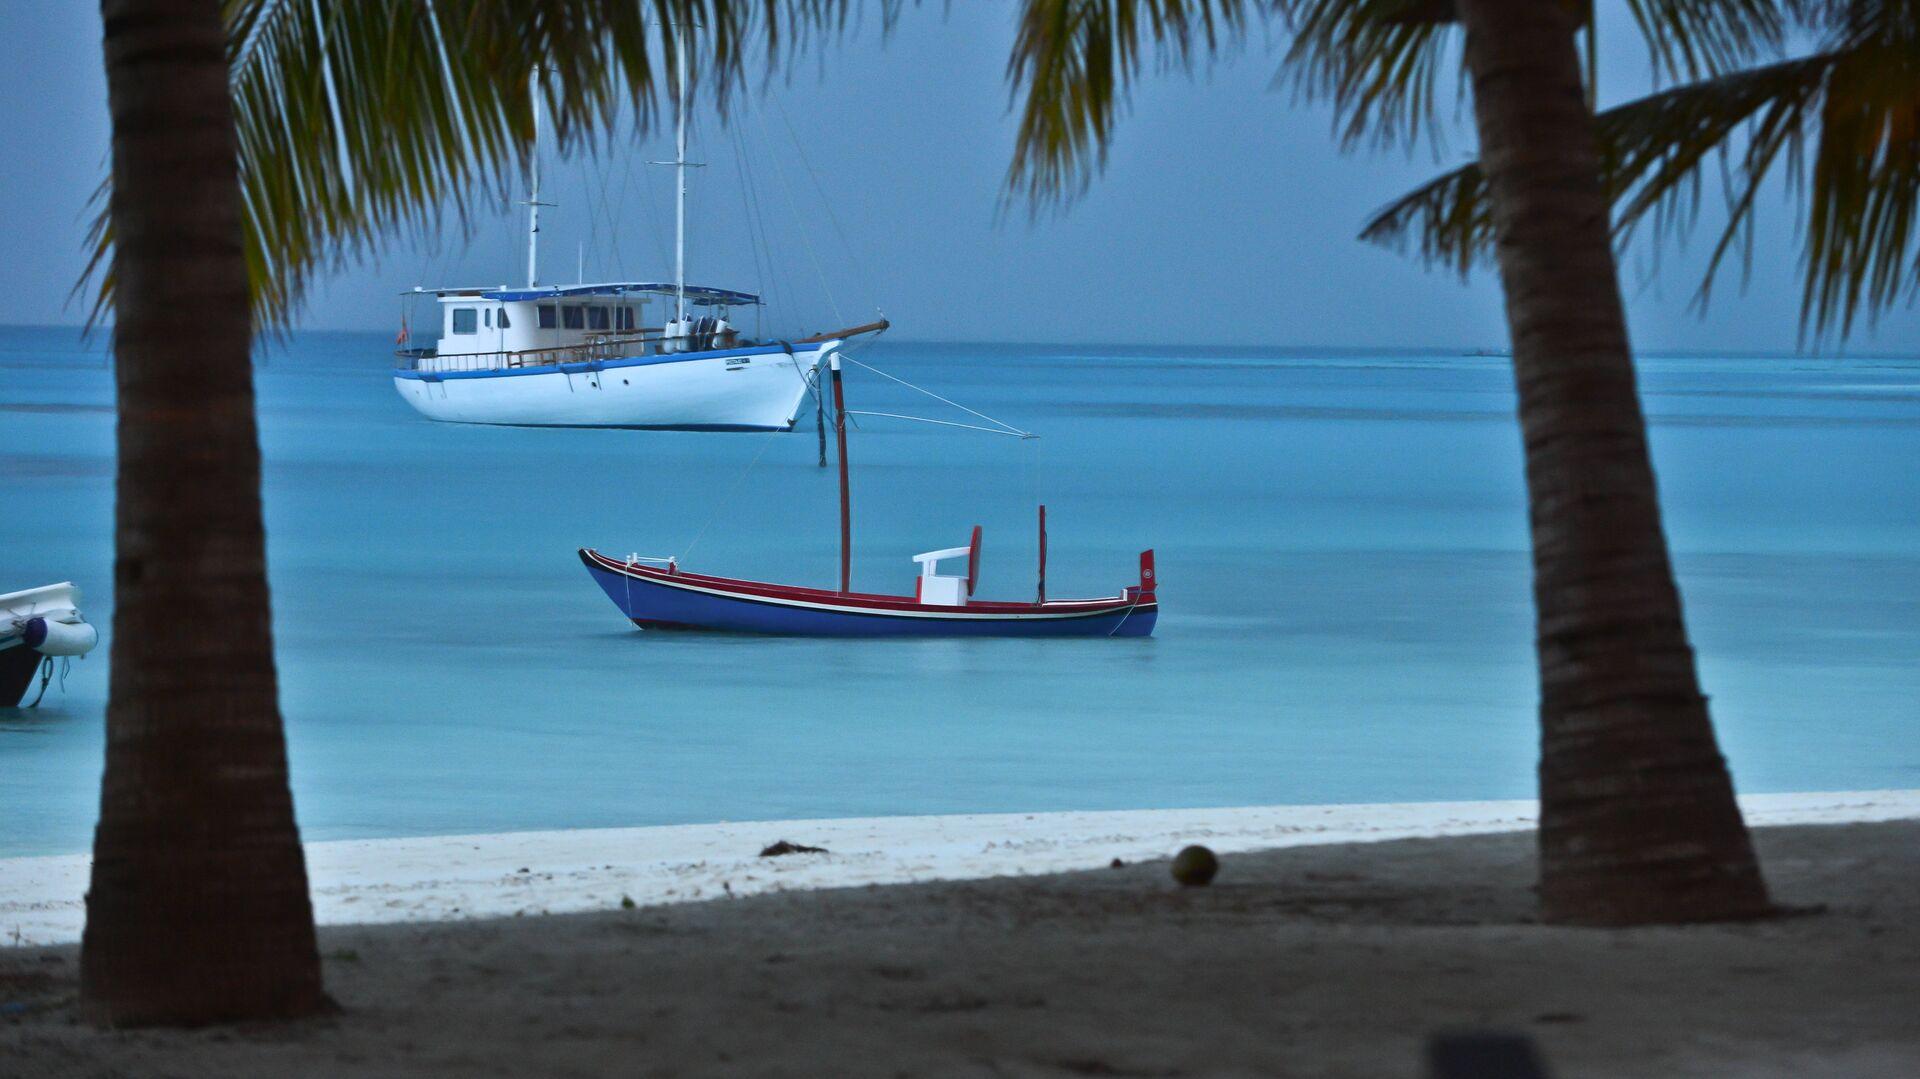 Лодки в лагуне Индийского океана рядом с отелем Meeru Island Resort & Spa на Мальдивах - РИА Новости, 1920, 10.09.2020